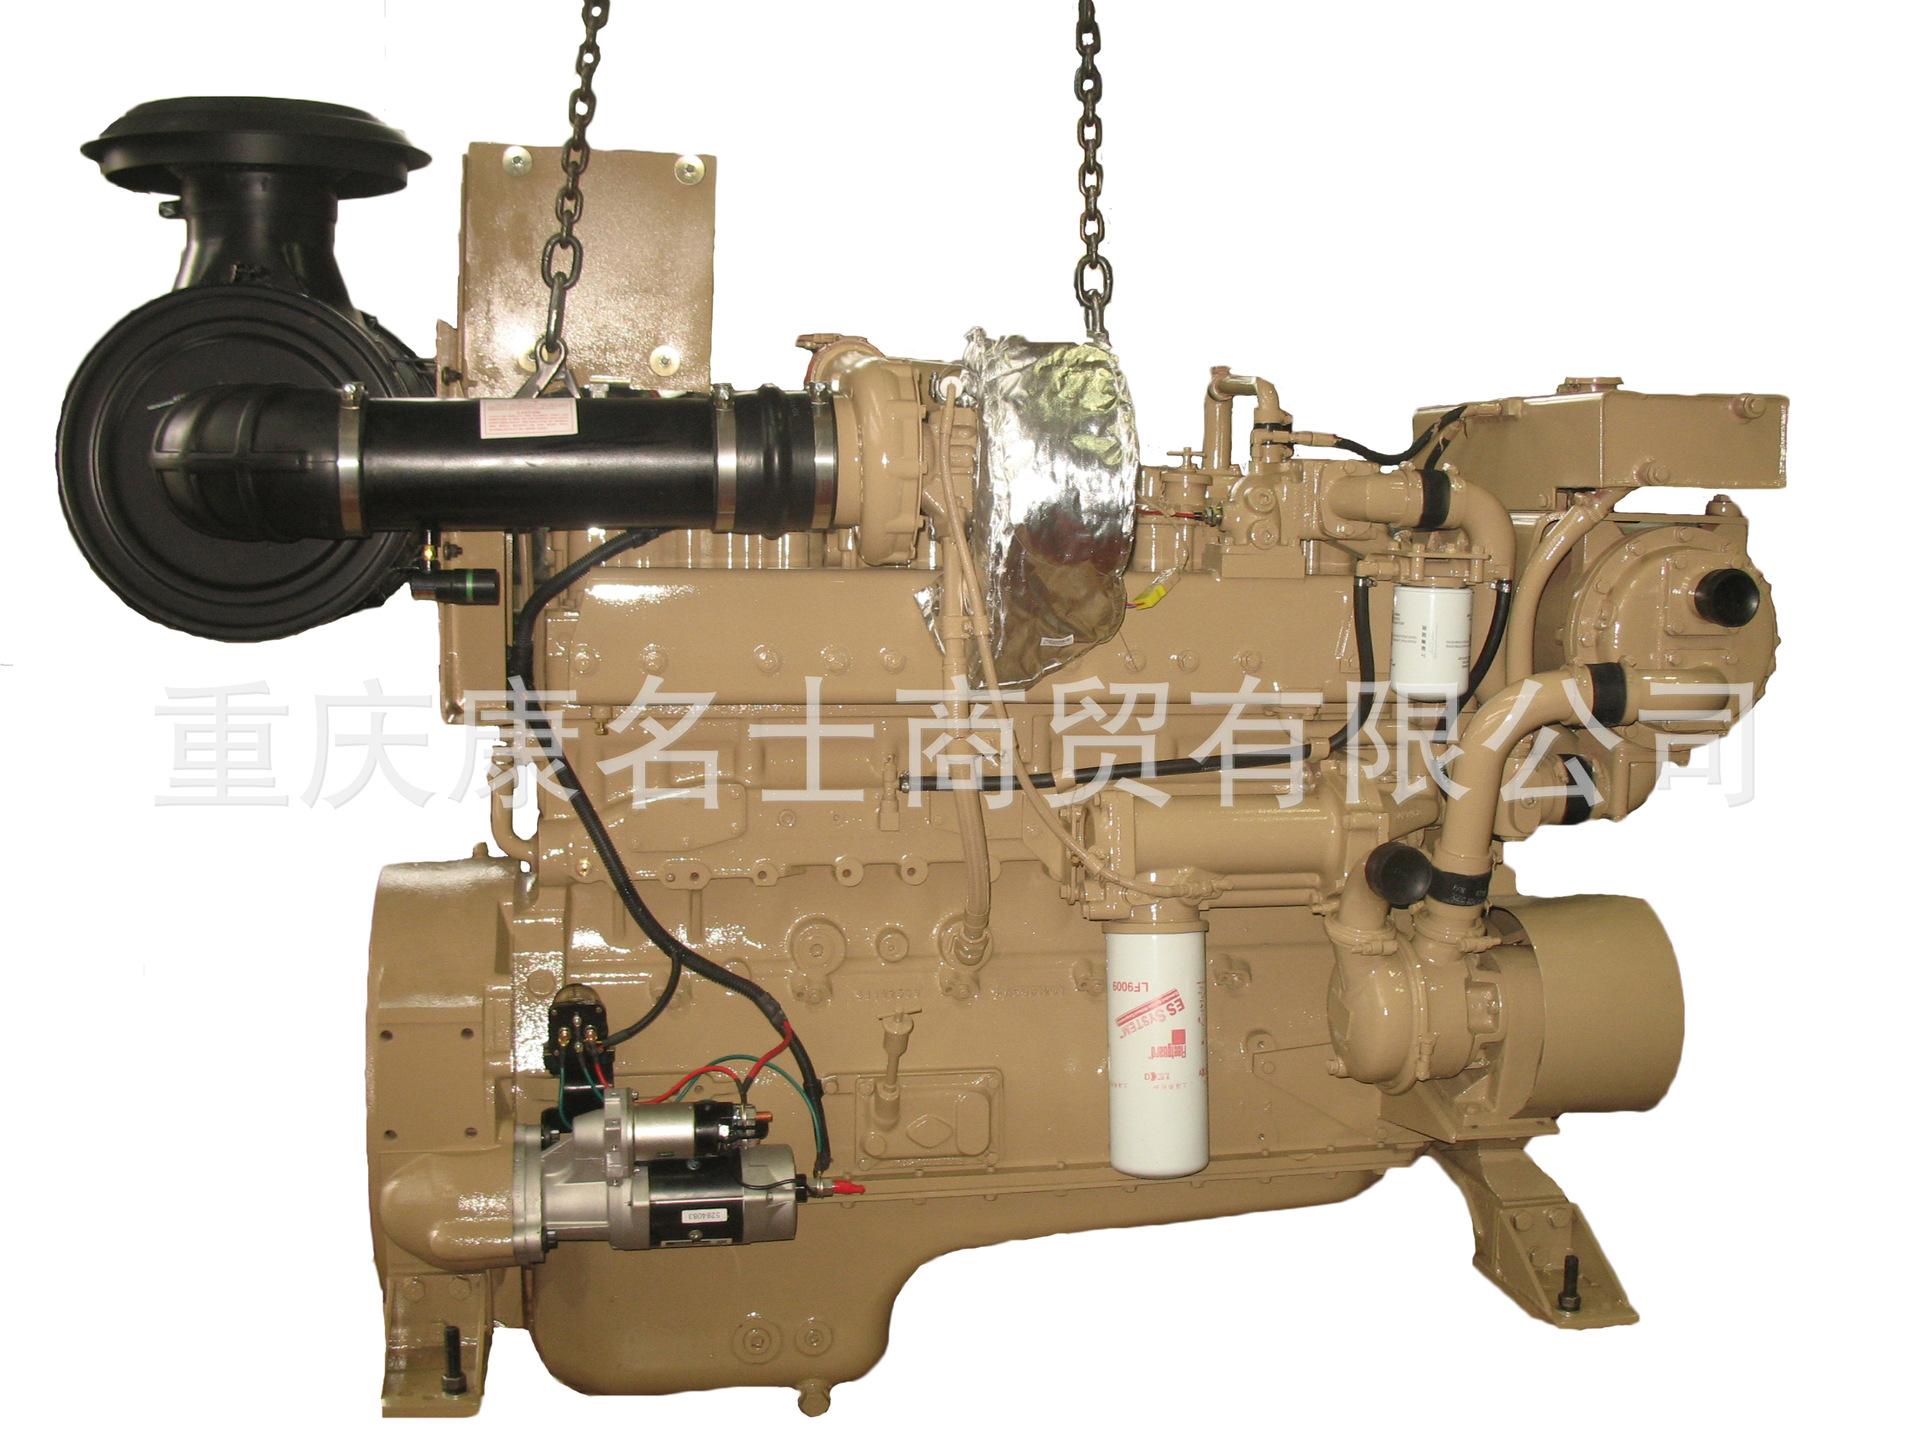 153521康明斯过滤器支架VT-28-C(635)发动机配件厂价优惠